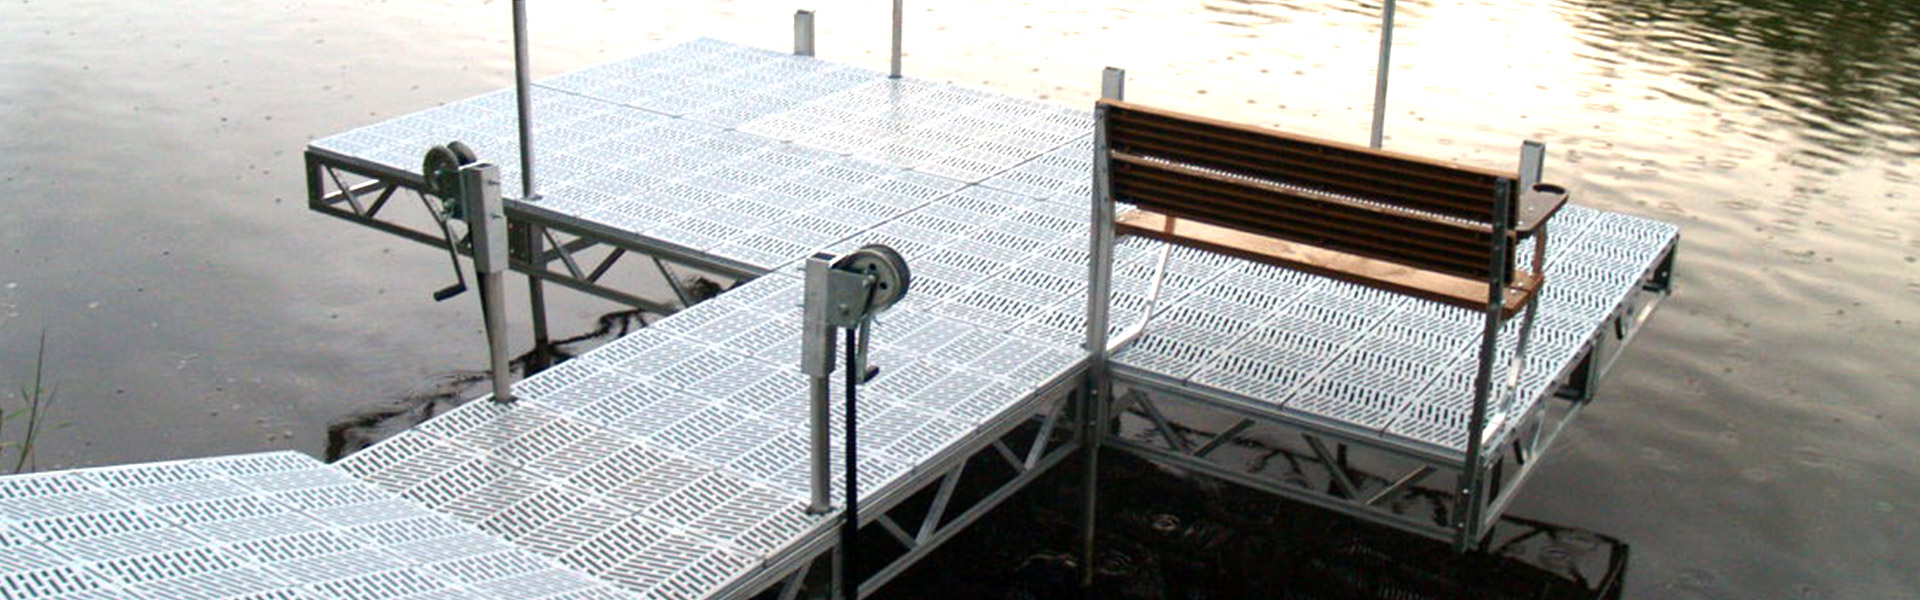 DIY Kit Docks – Ridgeline Manufacturing – creating high